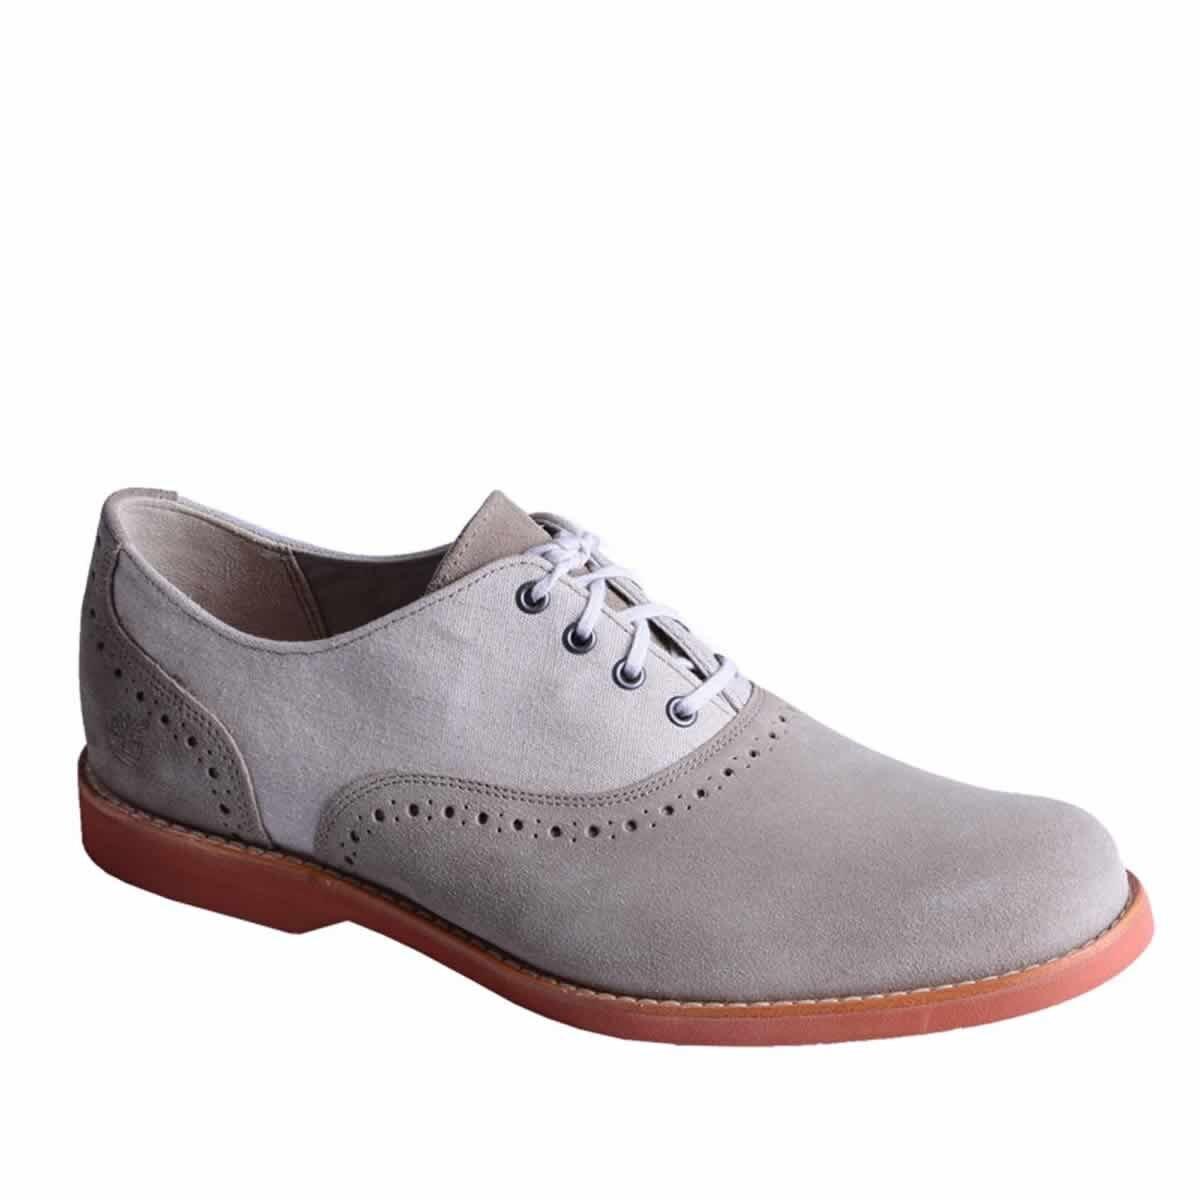 RENKSIZ Erkek Oxford Ayakkabı 1TIM20152250